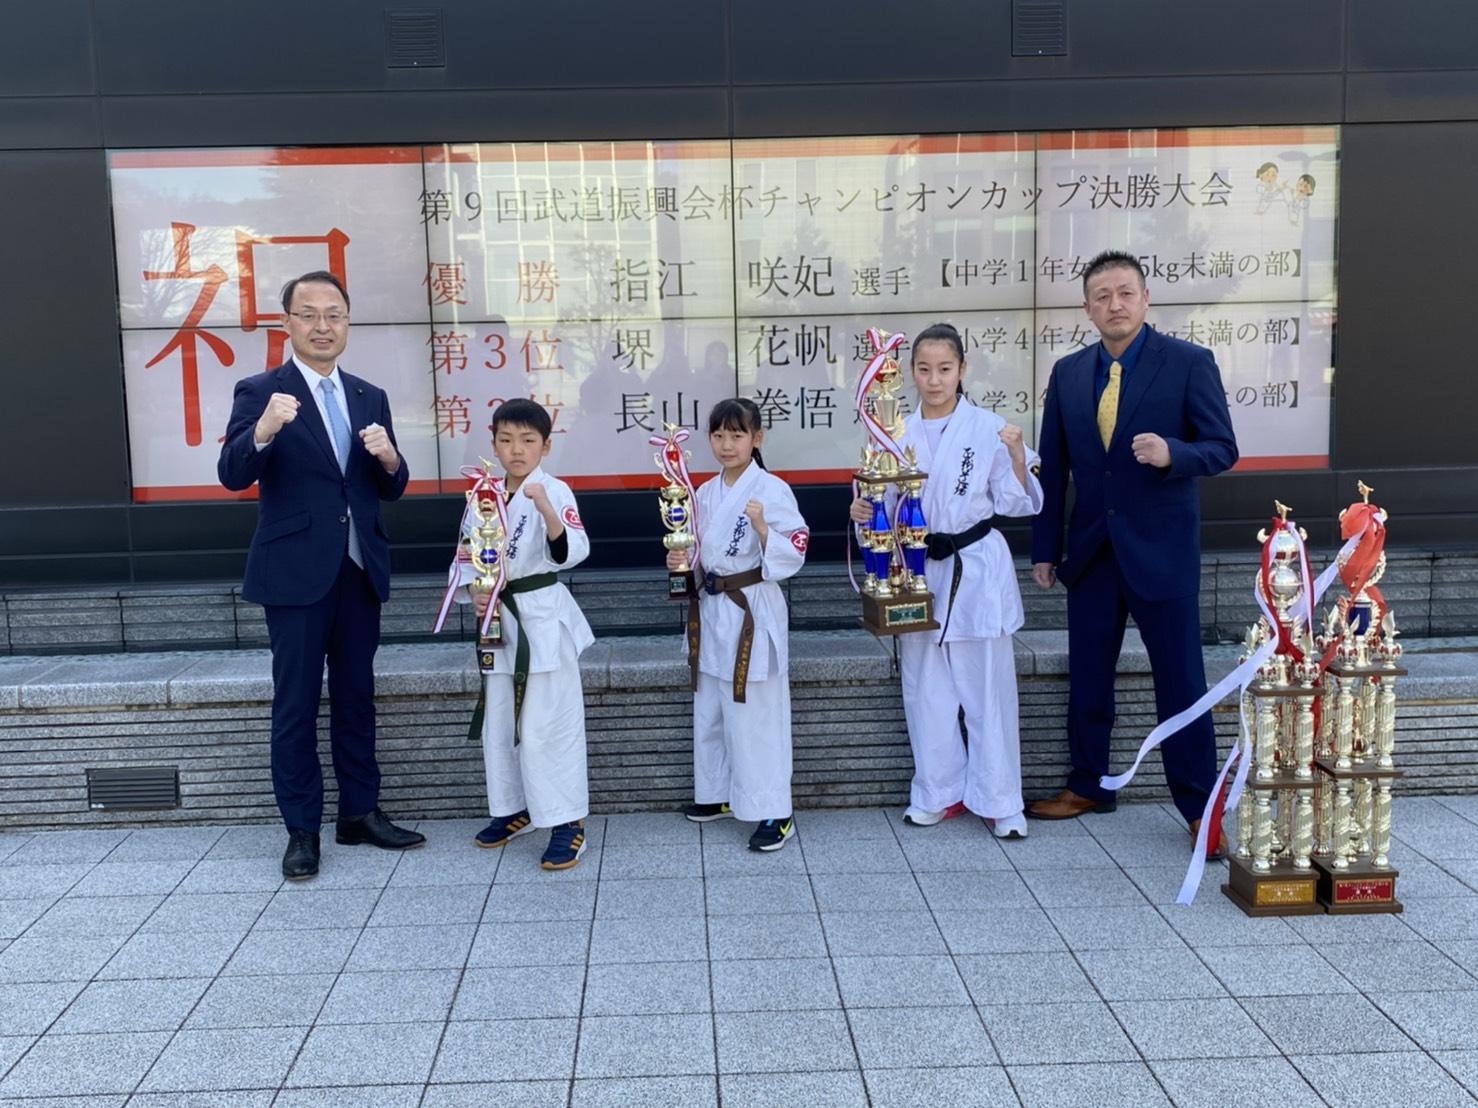 「チャンピオンカップ決勝大会」入賞者3名と金沢市役所へ表敬訪問